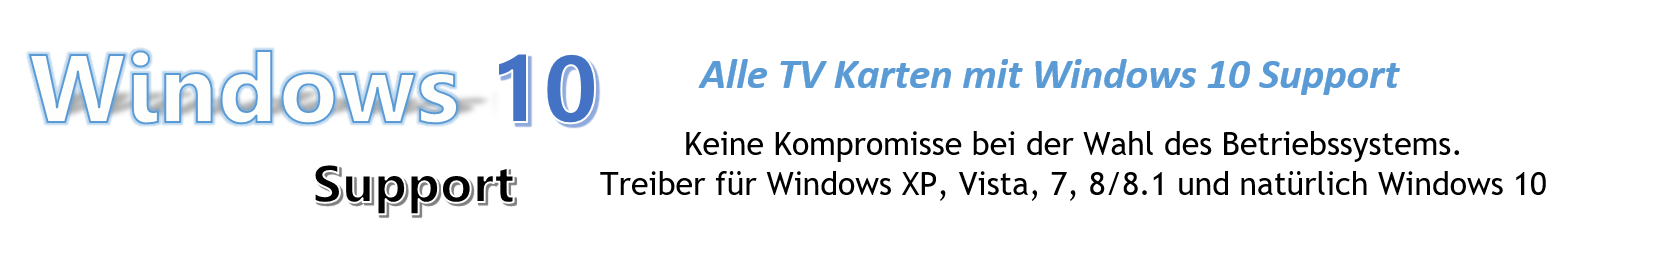 windows_10_de